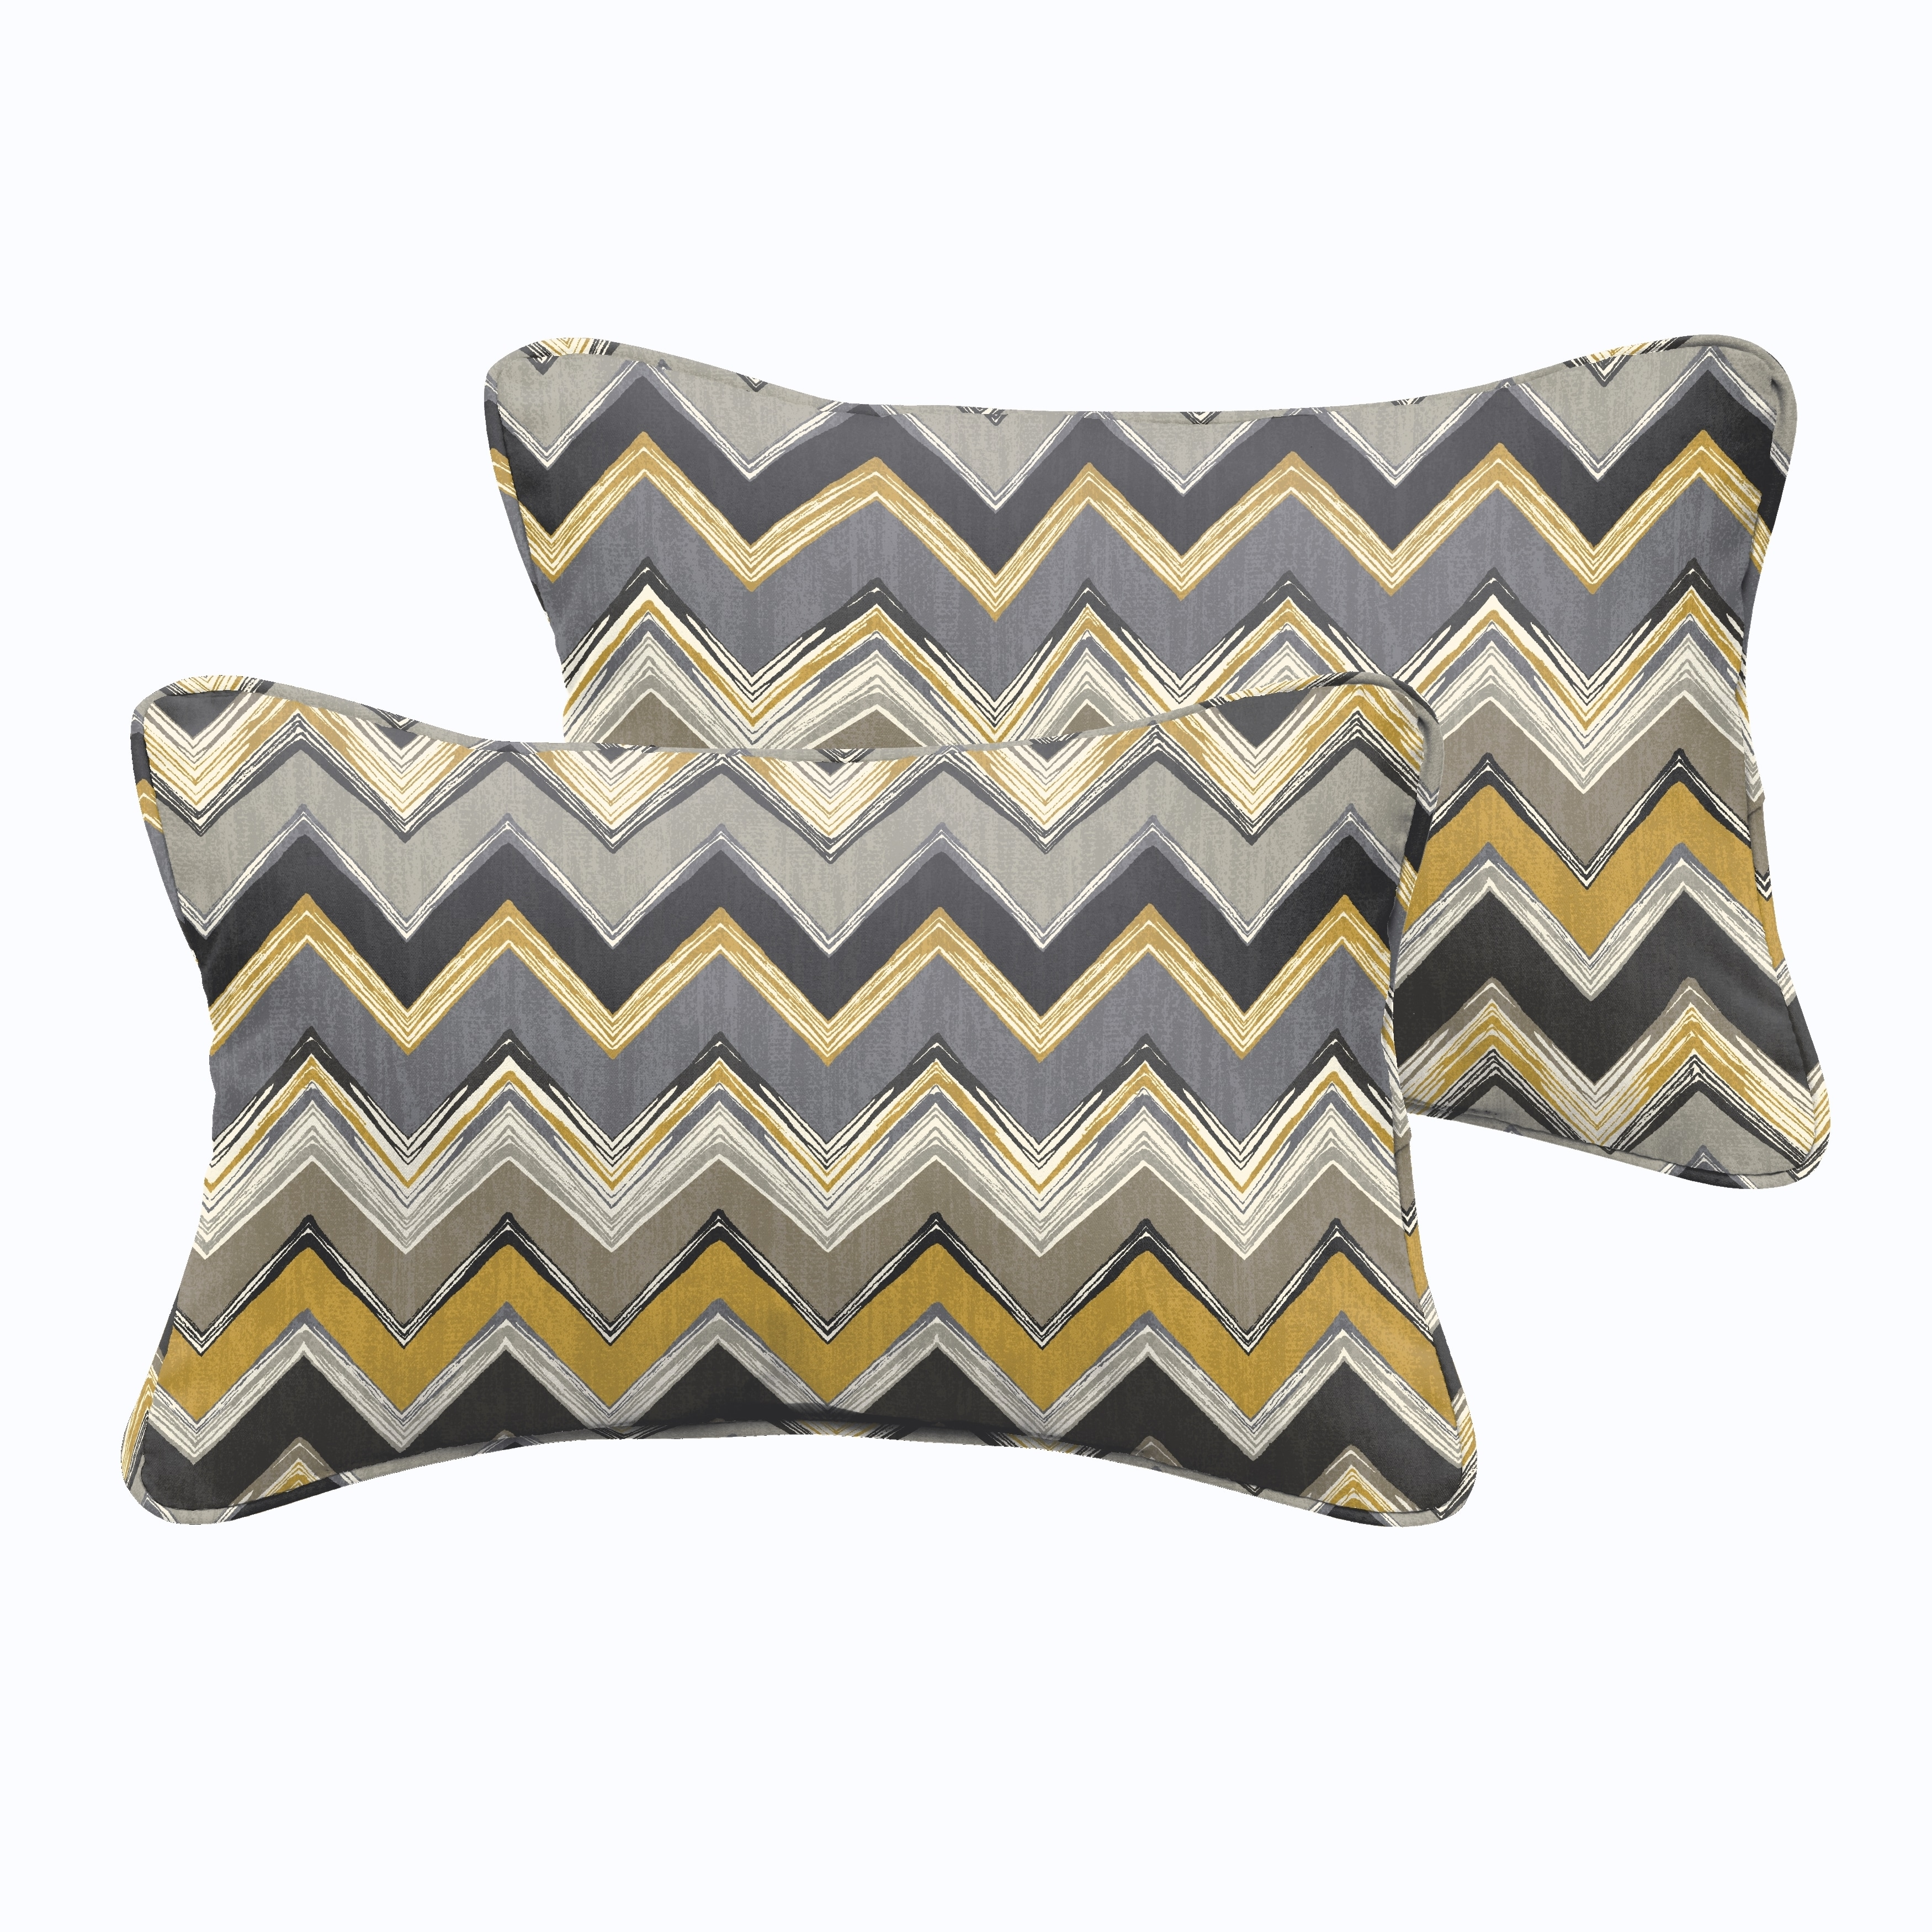 outdoor decor gillette pillows pdx grove pillow august lumbar